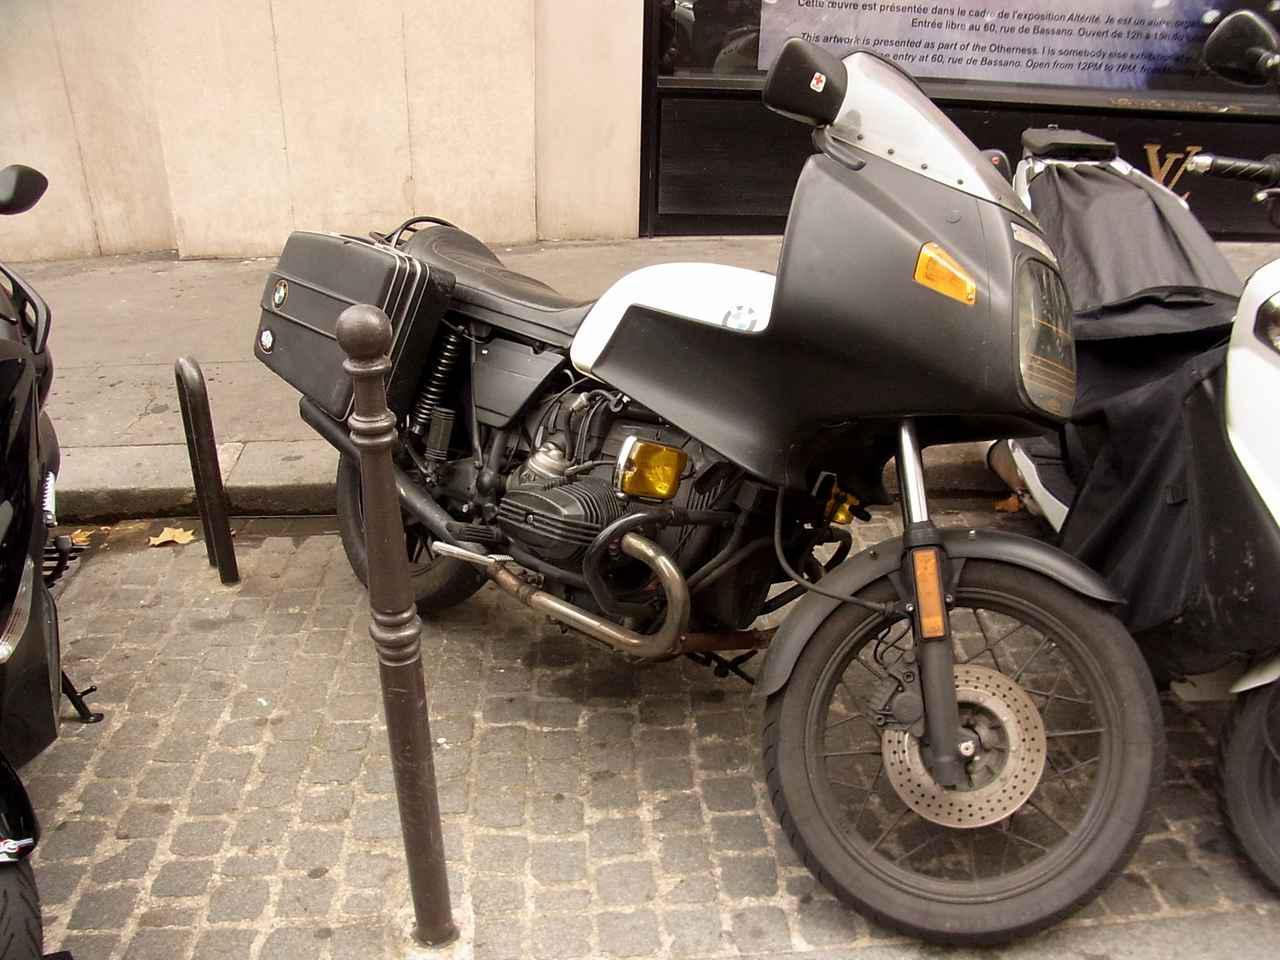 画像: -高級輸入バイクは専門店に持ち込んだほうが査定額を引き出しやすい